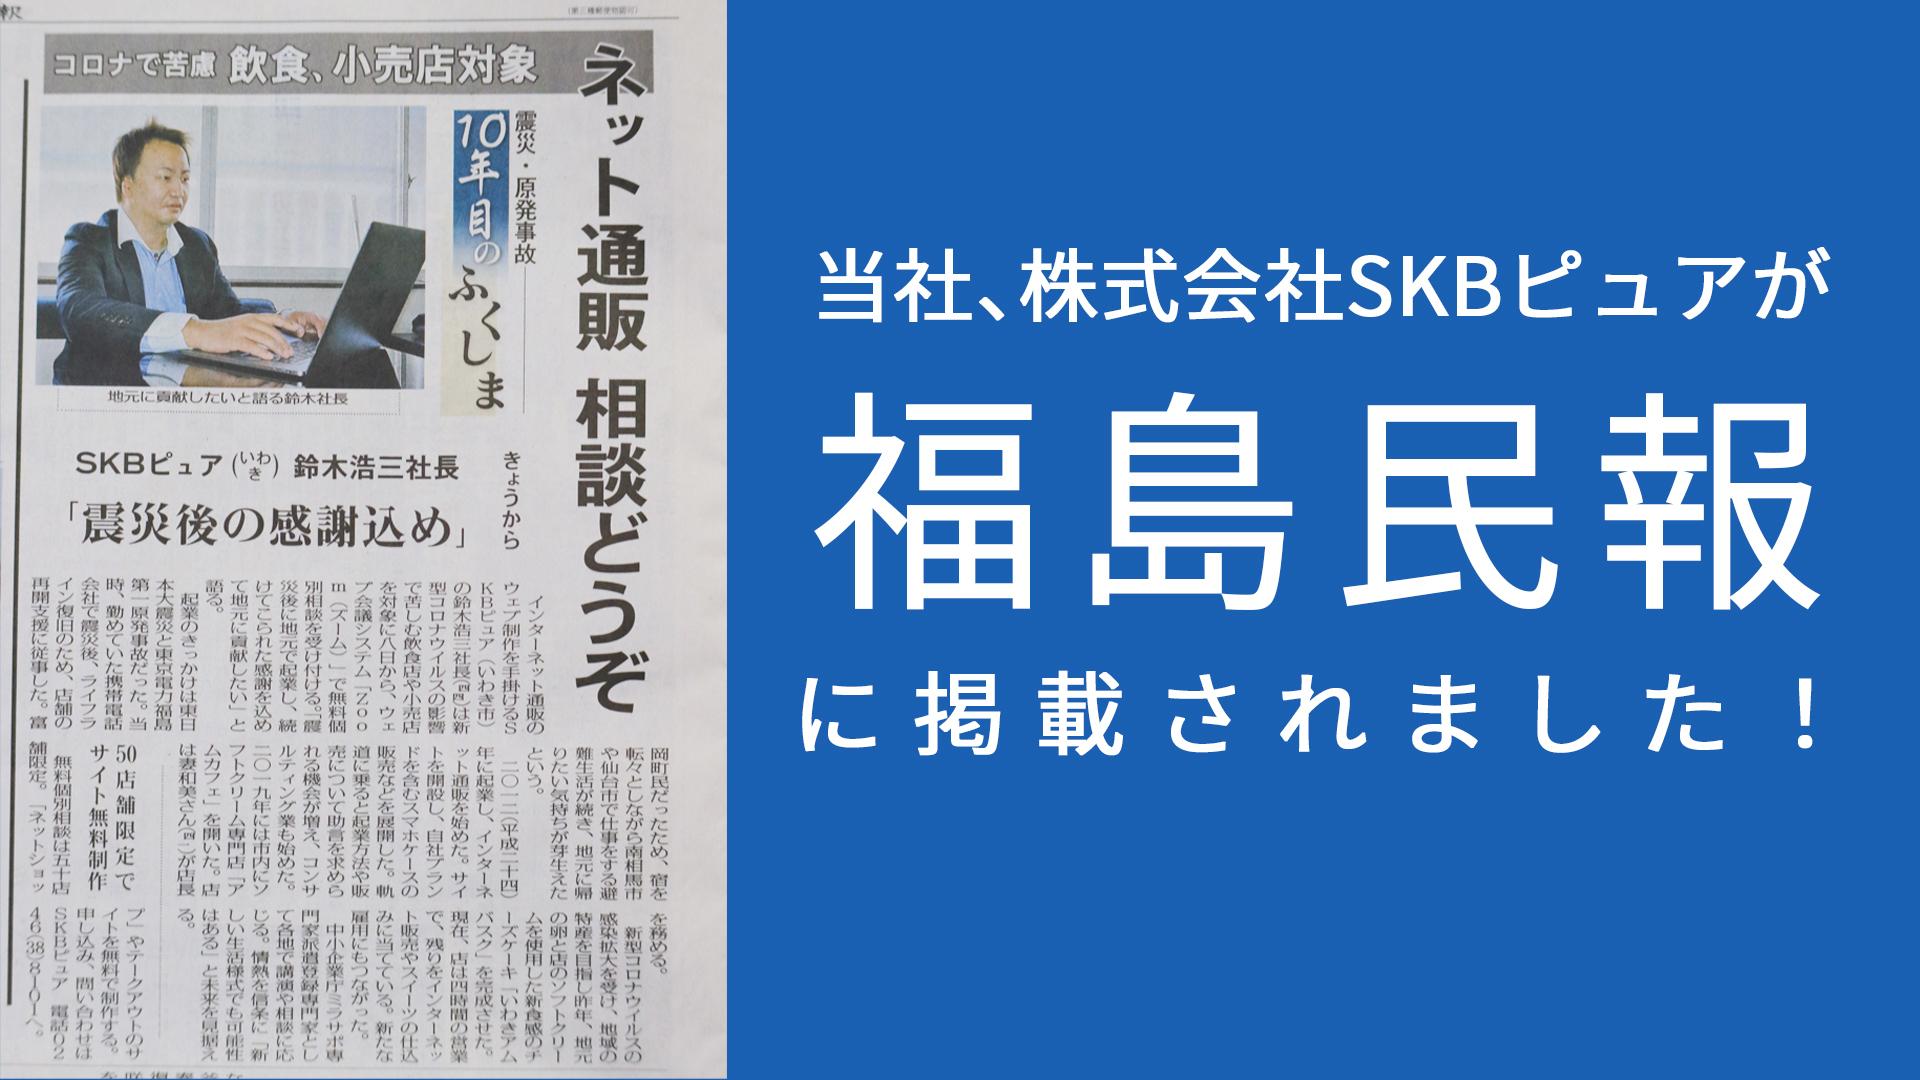 株式会社SKBピュアが福島民報に掲載